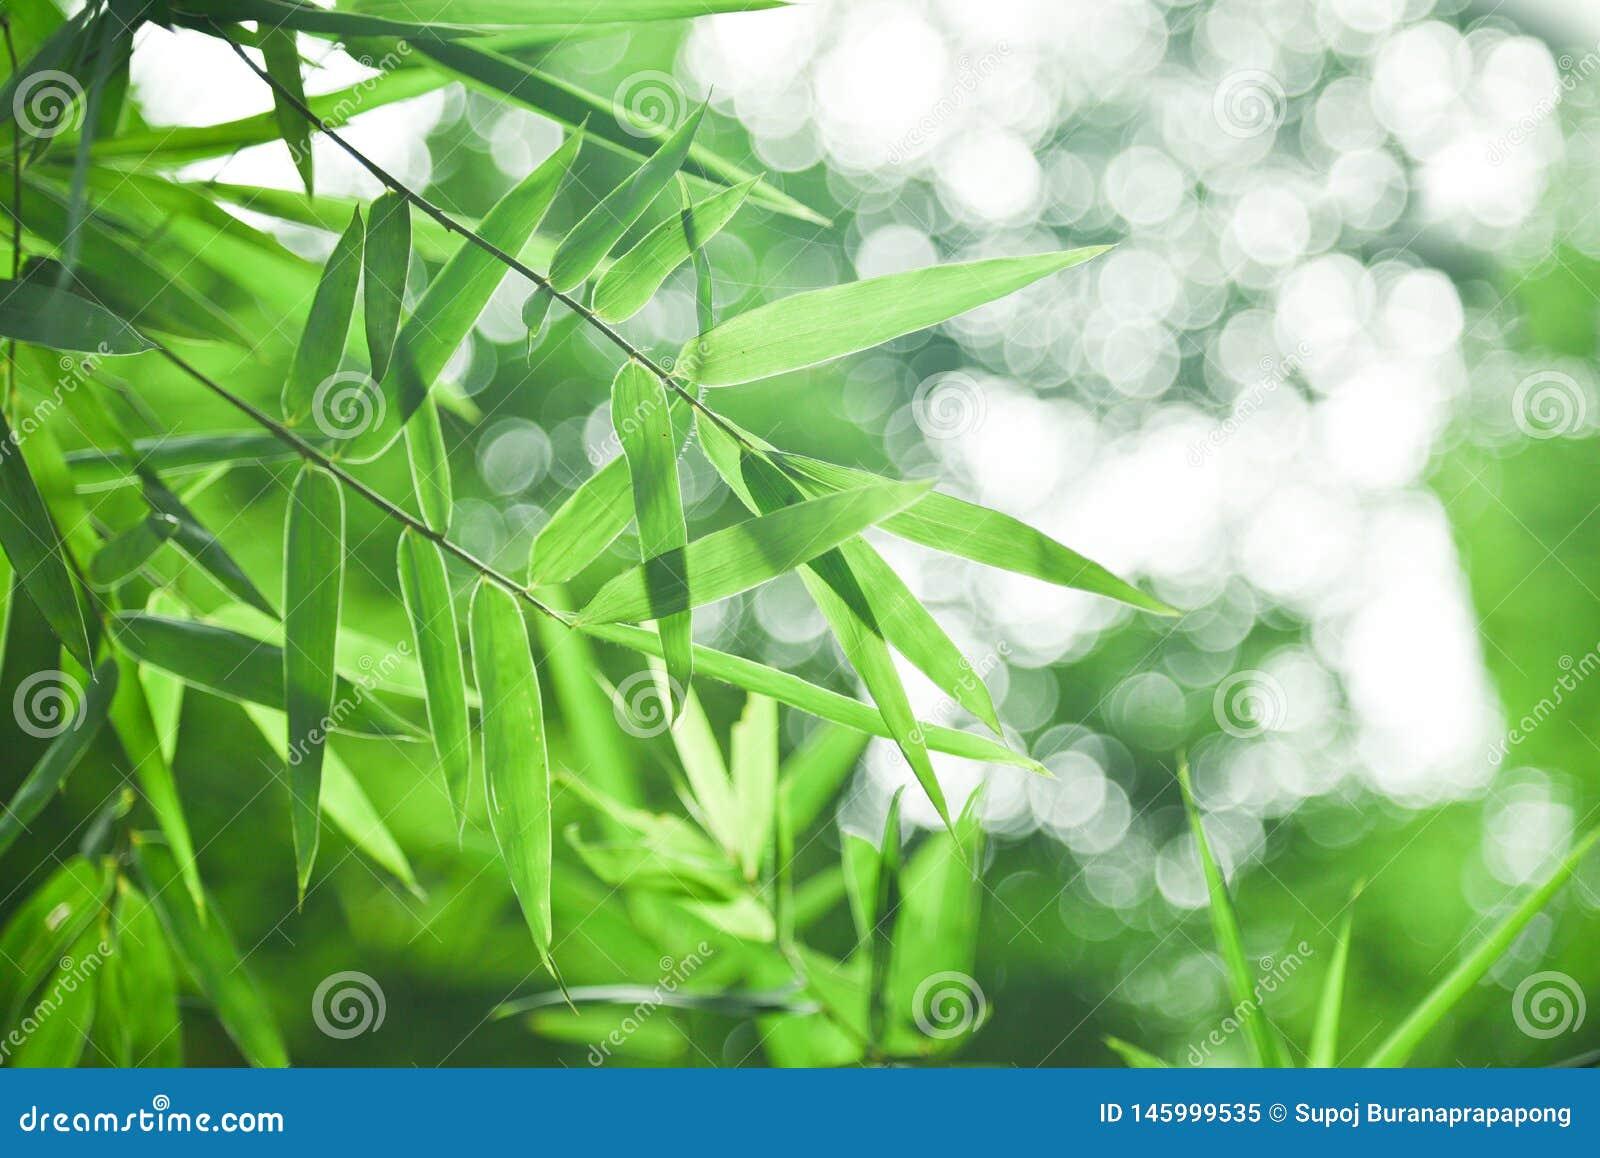 Hoja de bamb? y bokeh verde abstracto del fondo fondo blured, foco selectivo